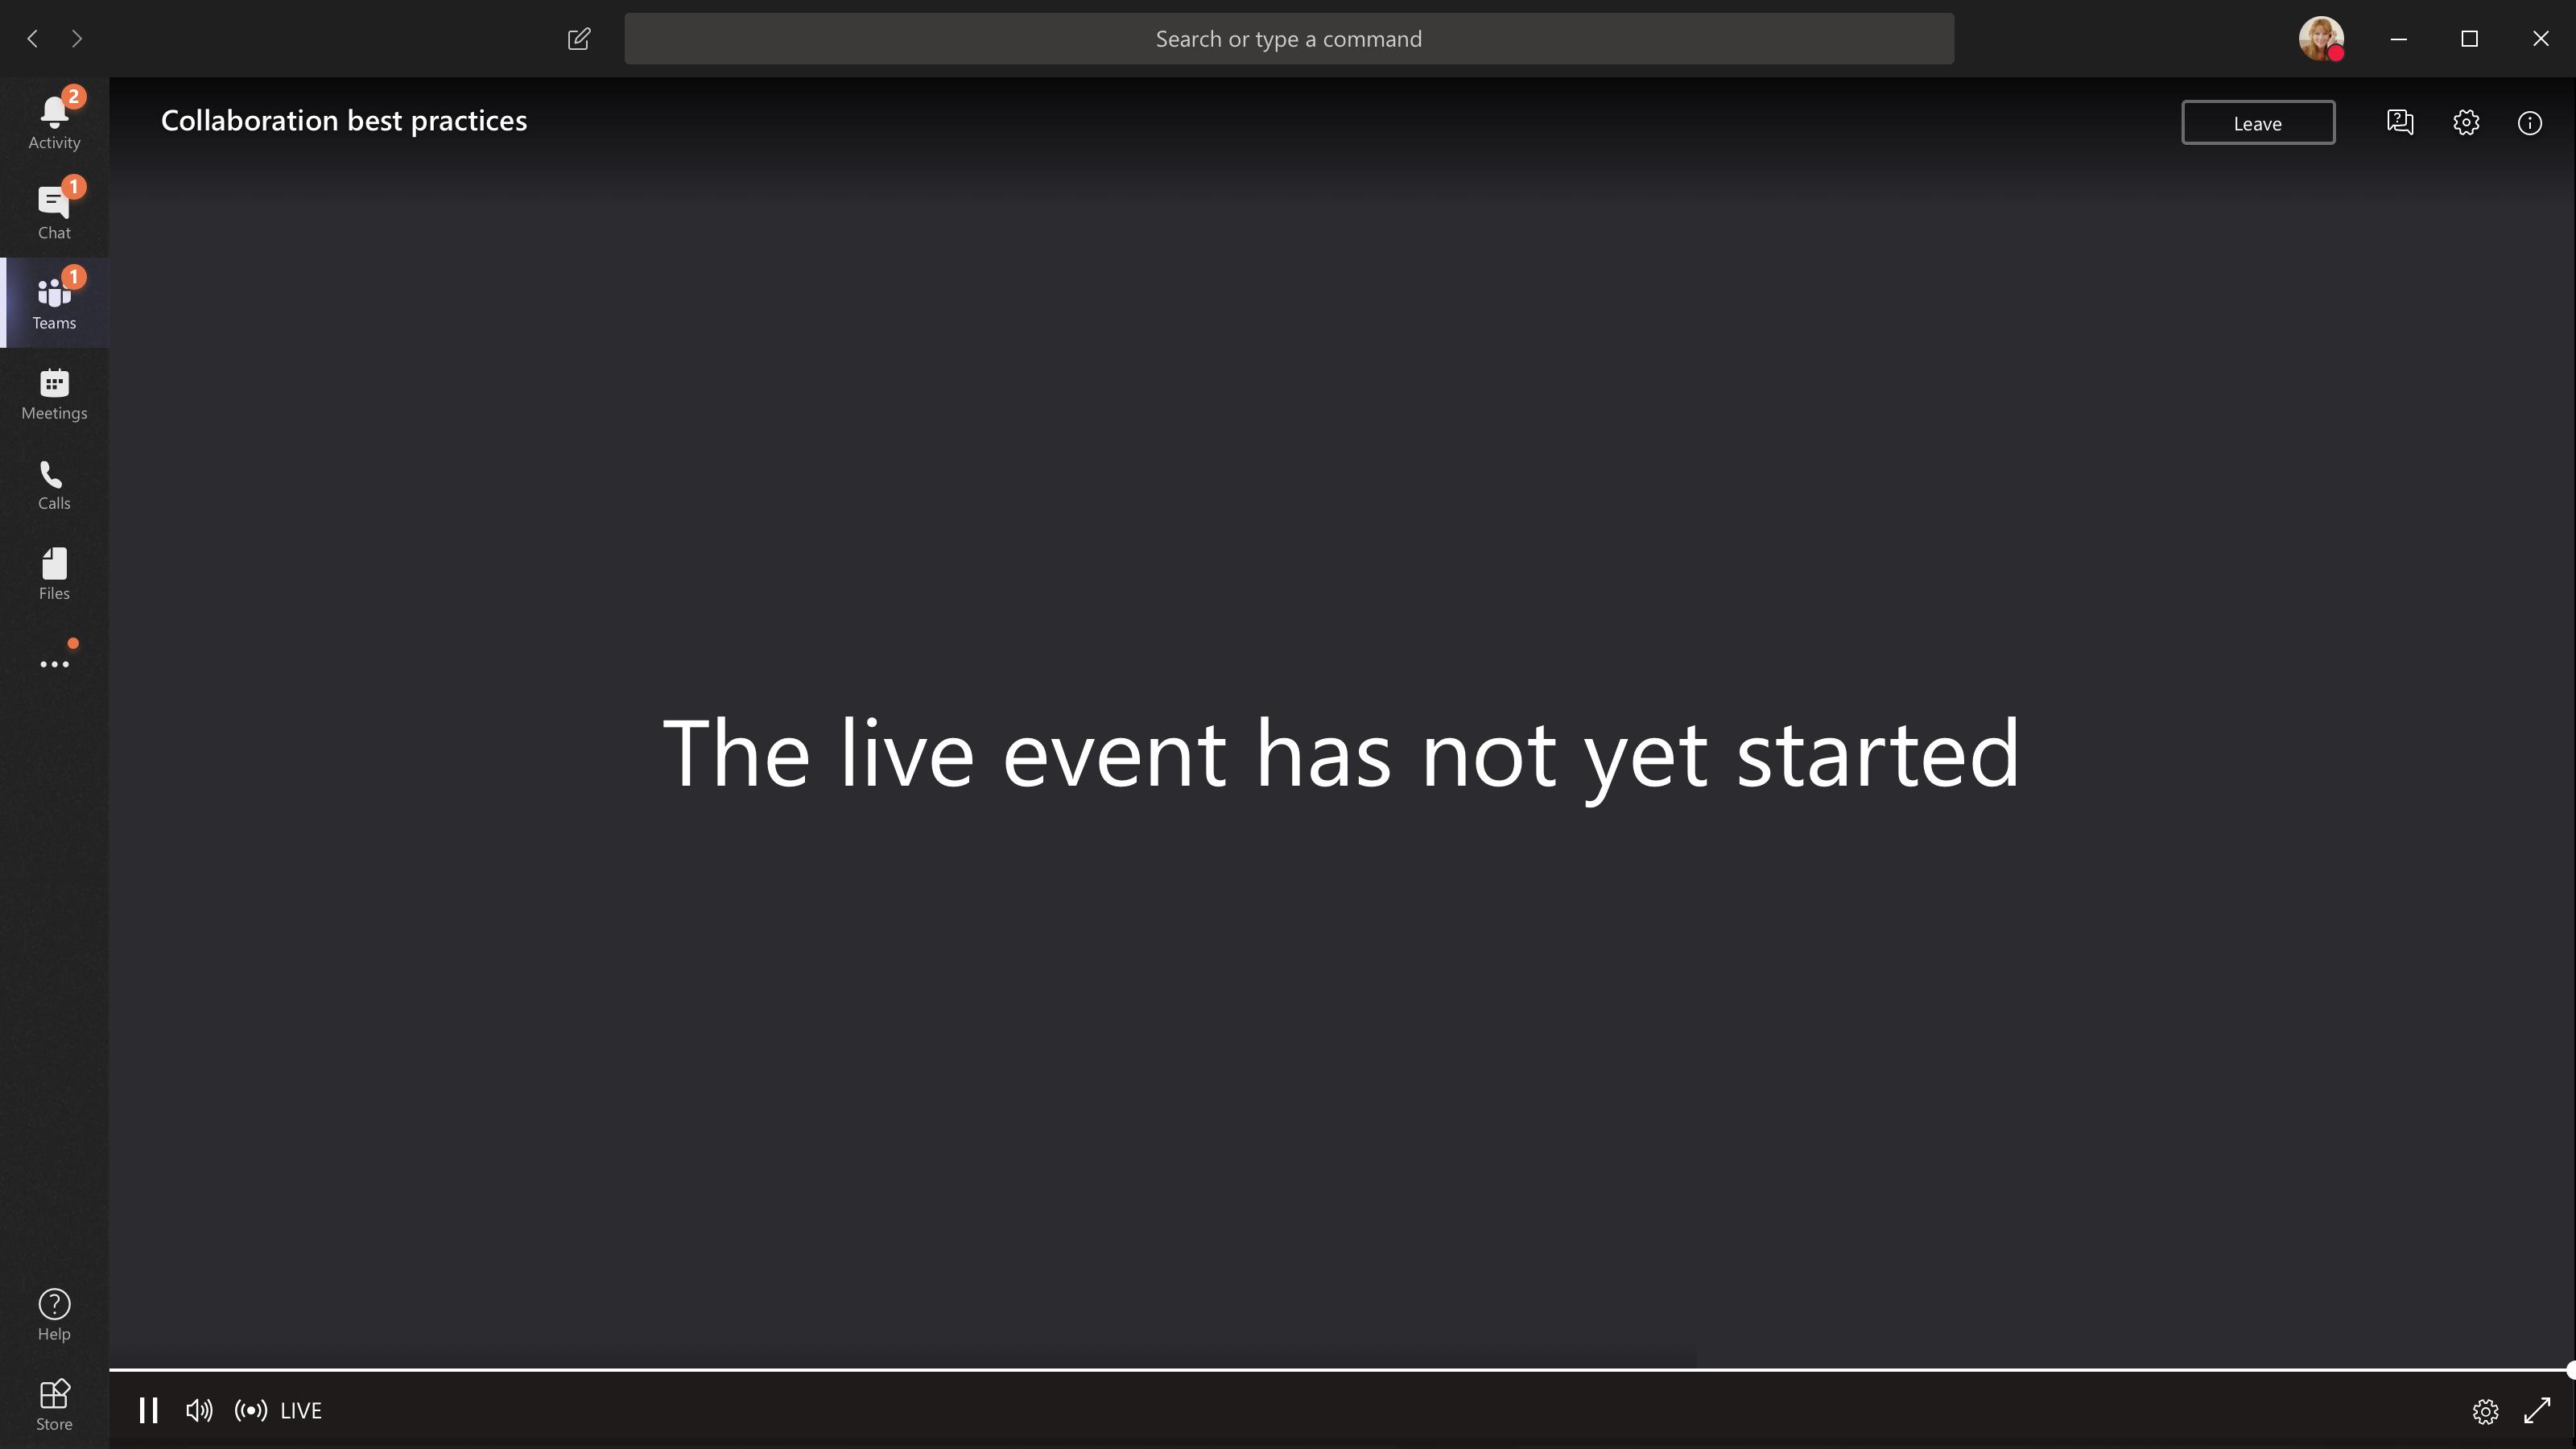 이벤트가 시작 되지 않음